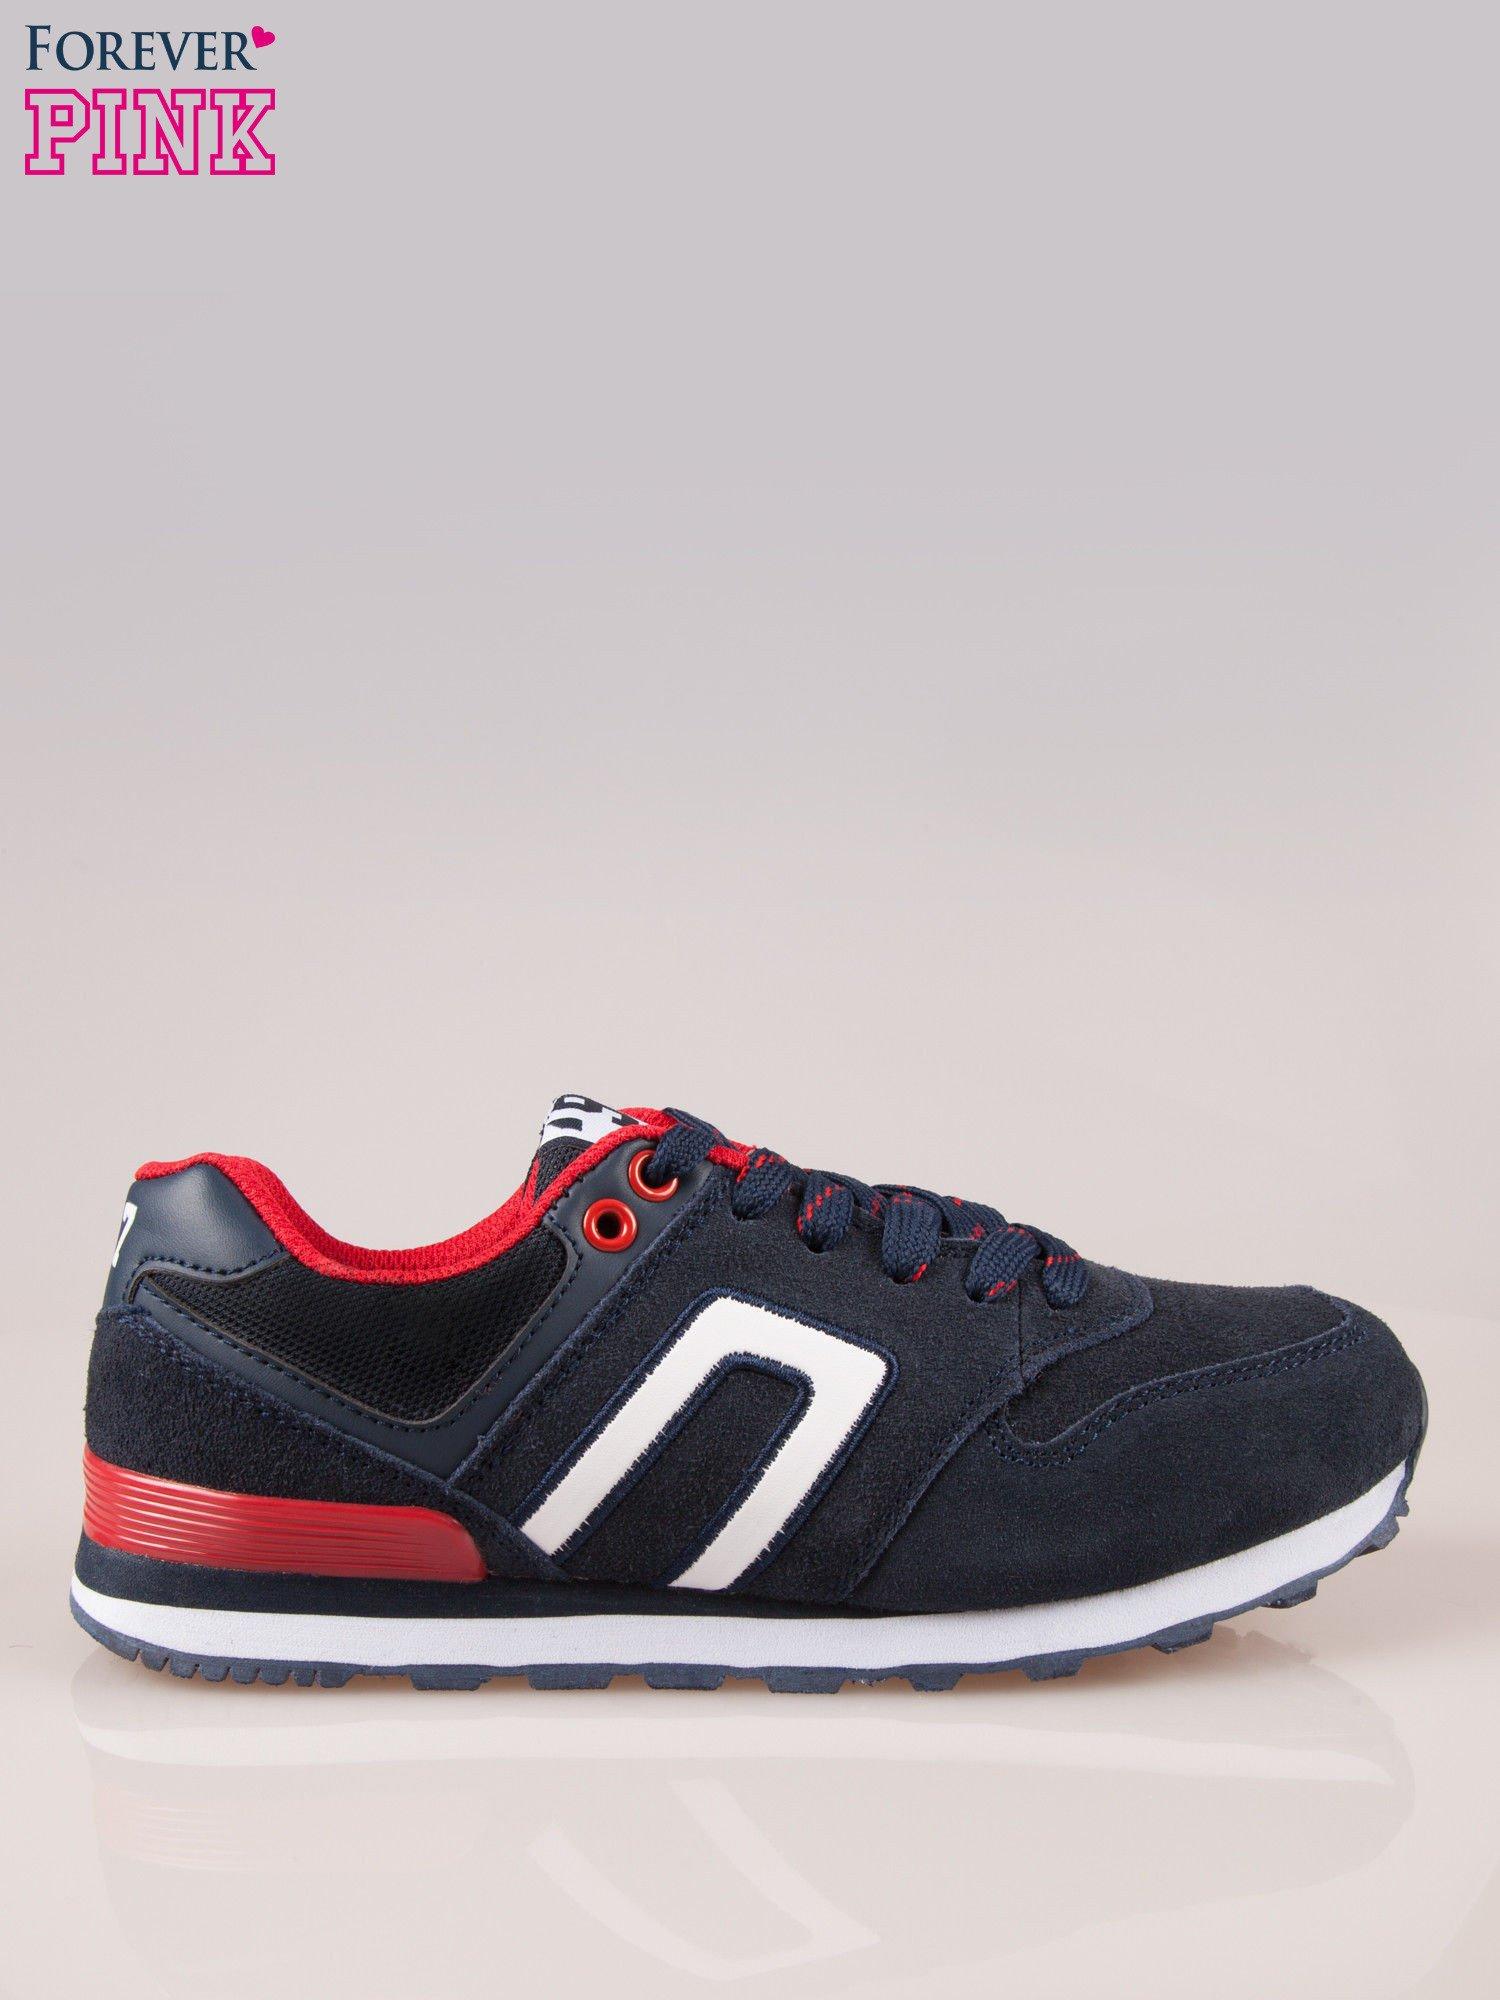 Granatowo-czerwone buty sportowe damskie                                  zdj.                                  1